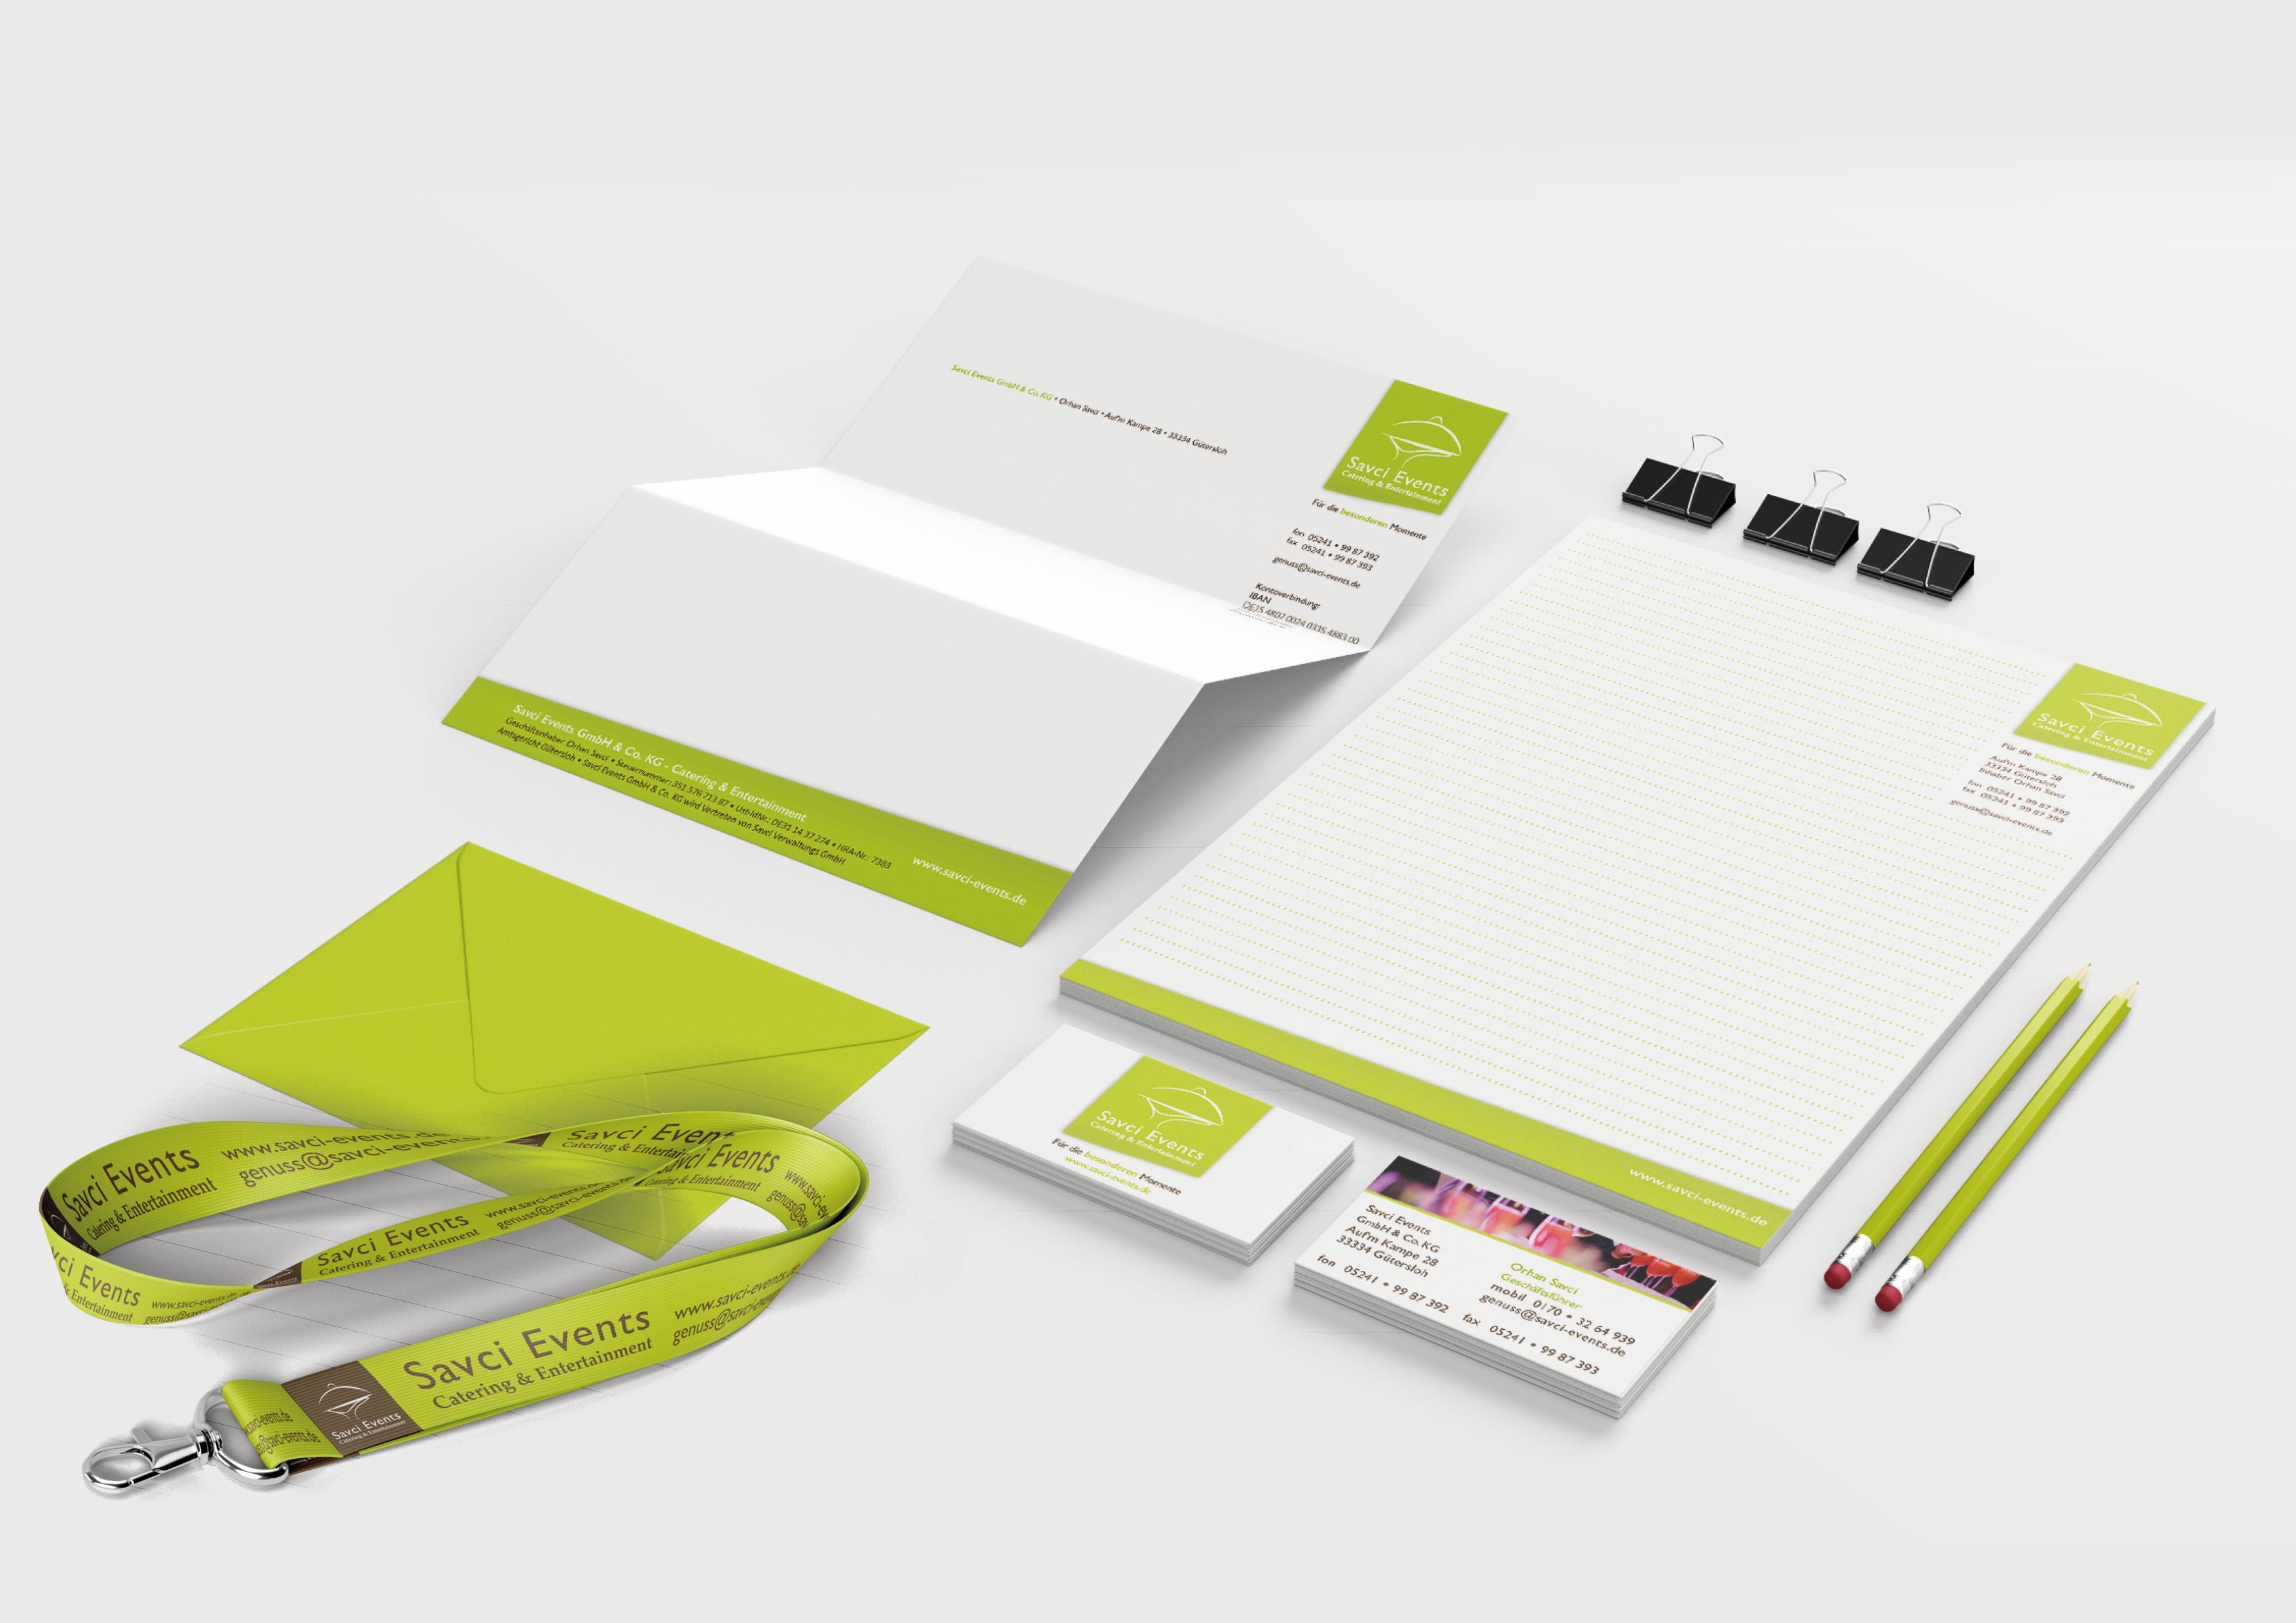 MEAU DESIGN - farbenfrohe Illustrationen und aufgeräumte Grafikdesigns - Vorschaubild Portfolio, Referenzen Savci Events Werbemittel, Geschäftsaussattung, Corporate Design, Logodesign etc.